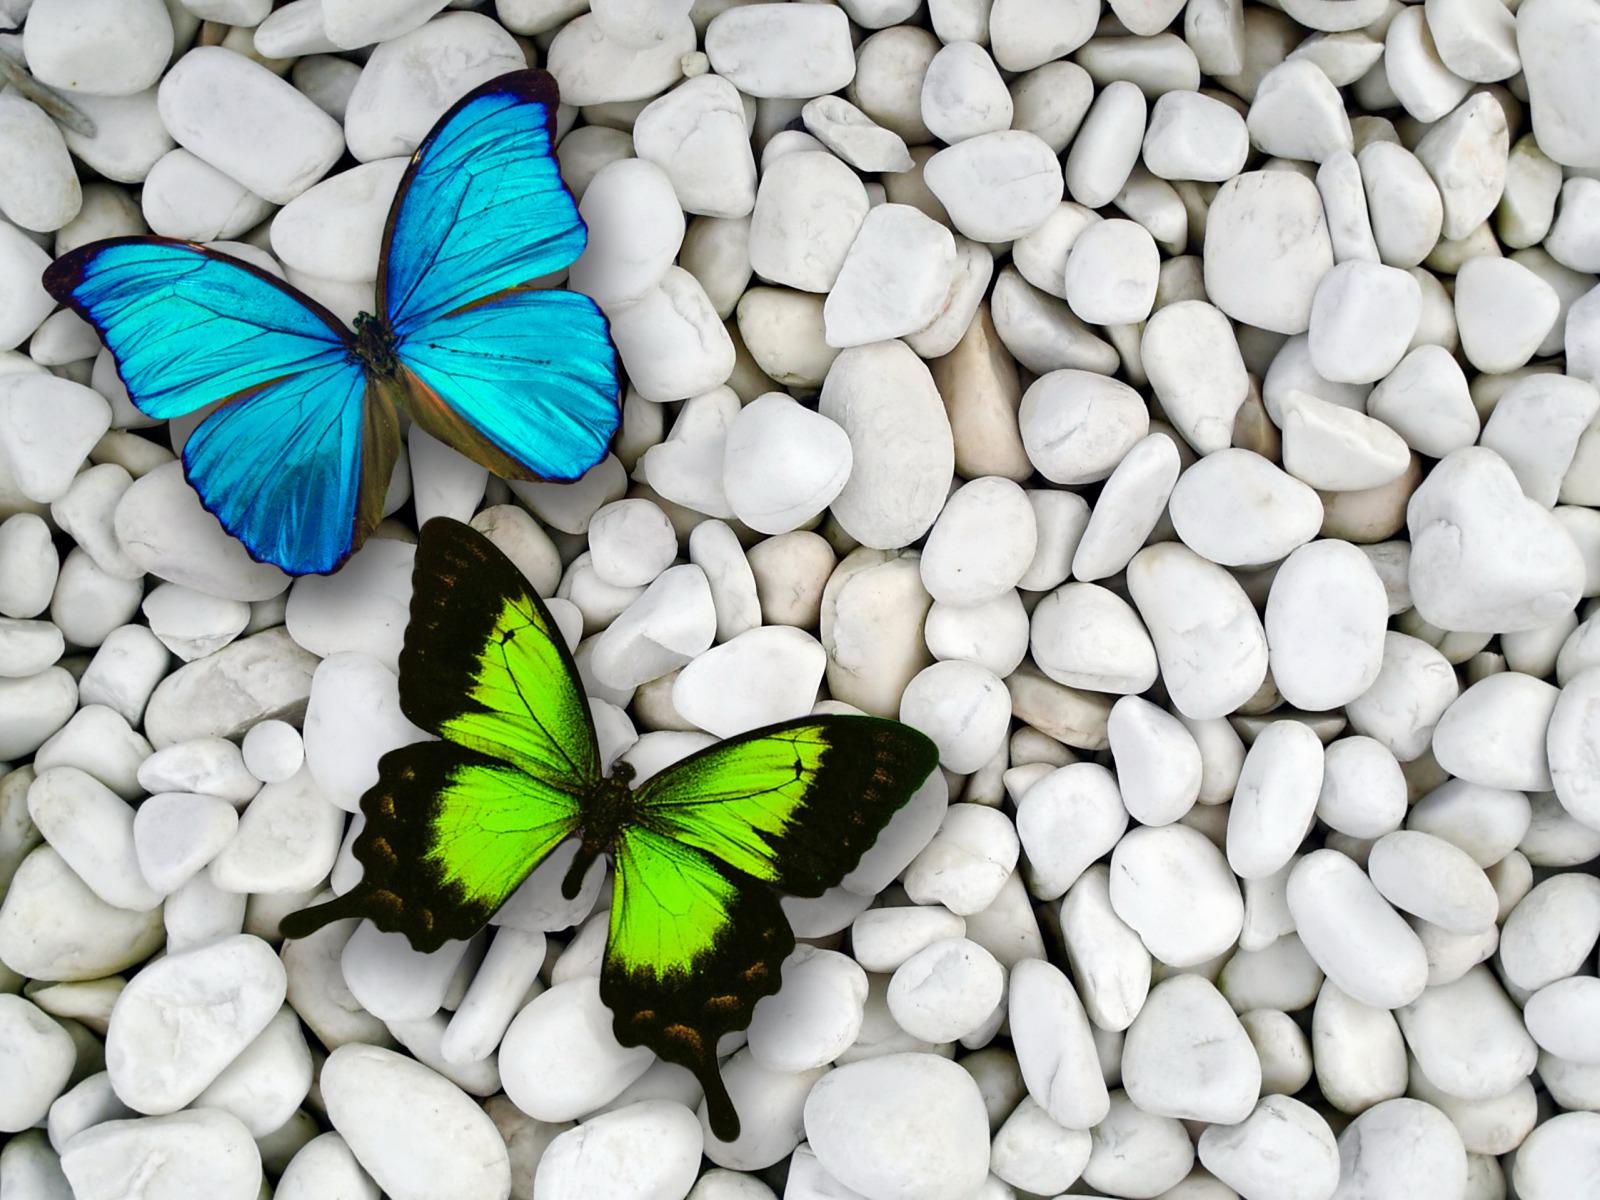 butterfly wallpaper pebbels HD Desktop Wallpapers 4k HD